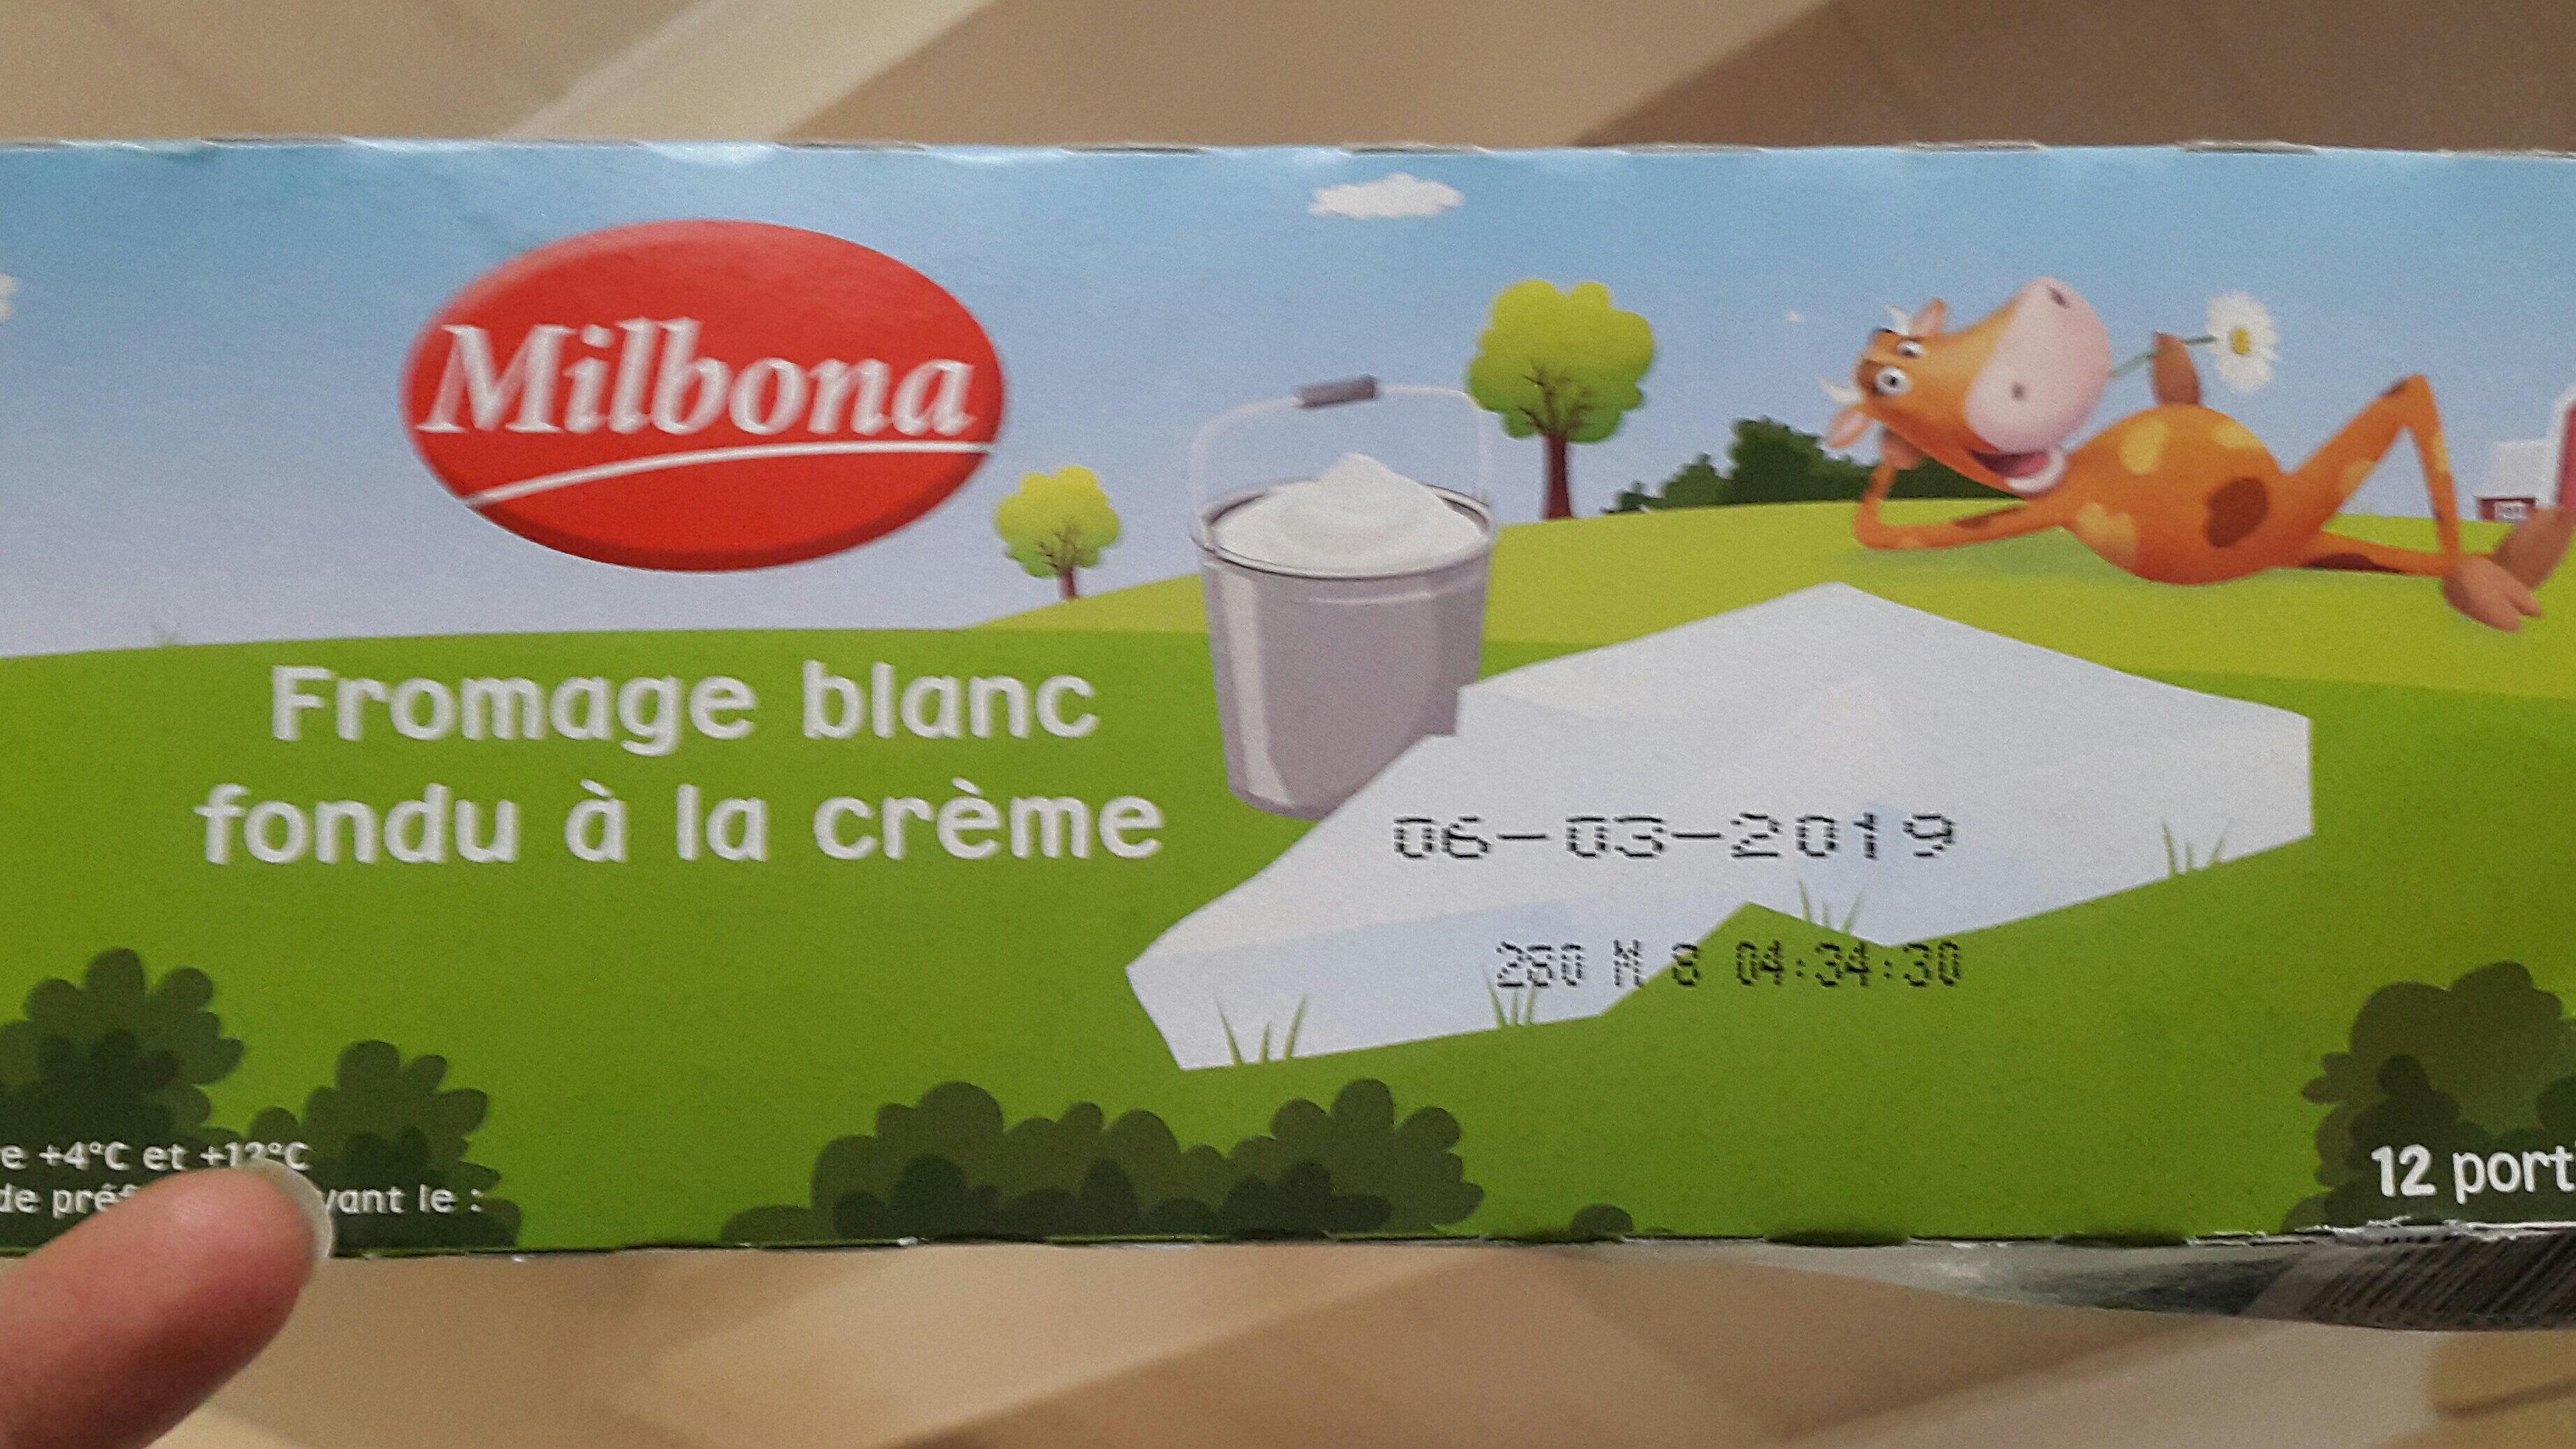 Fromage blanc fondu à la crème20 g - Product